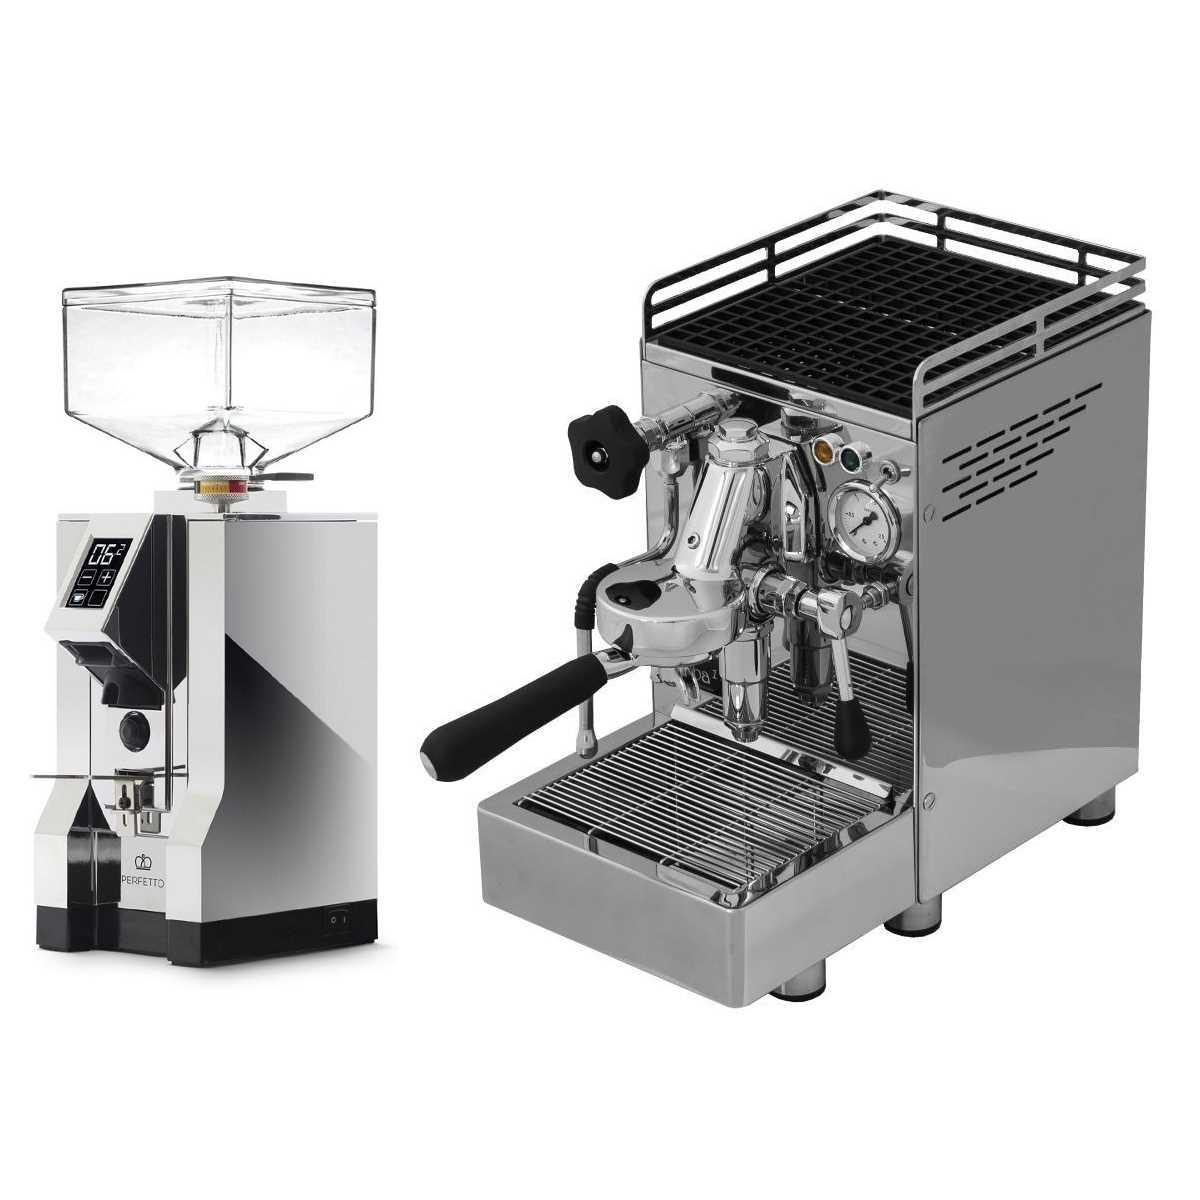 Espressor 969.coffee Elba1 Lux + Râşniţă Eureka Mignon Specialita' 16CR - Crom